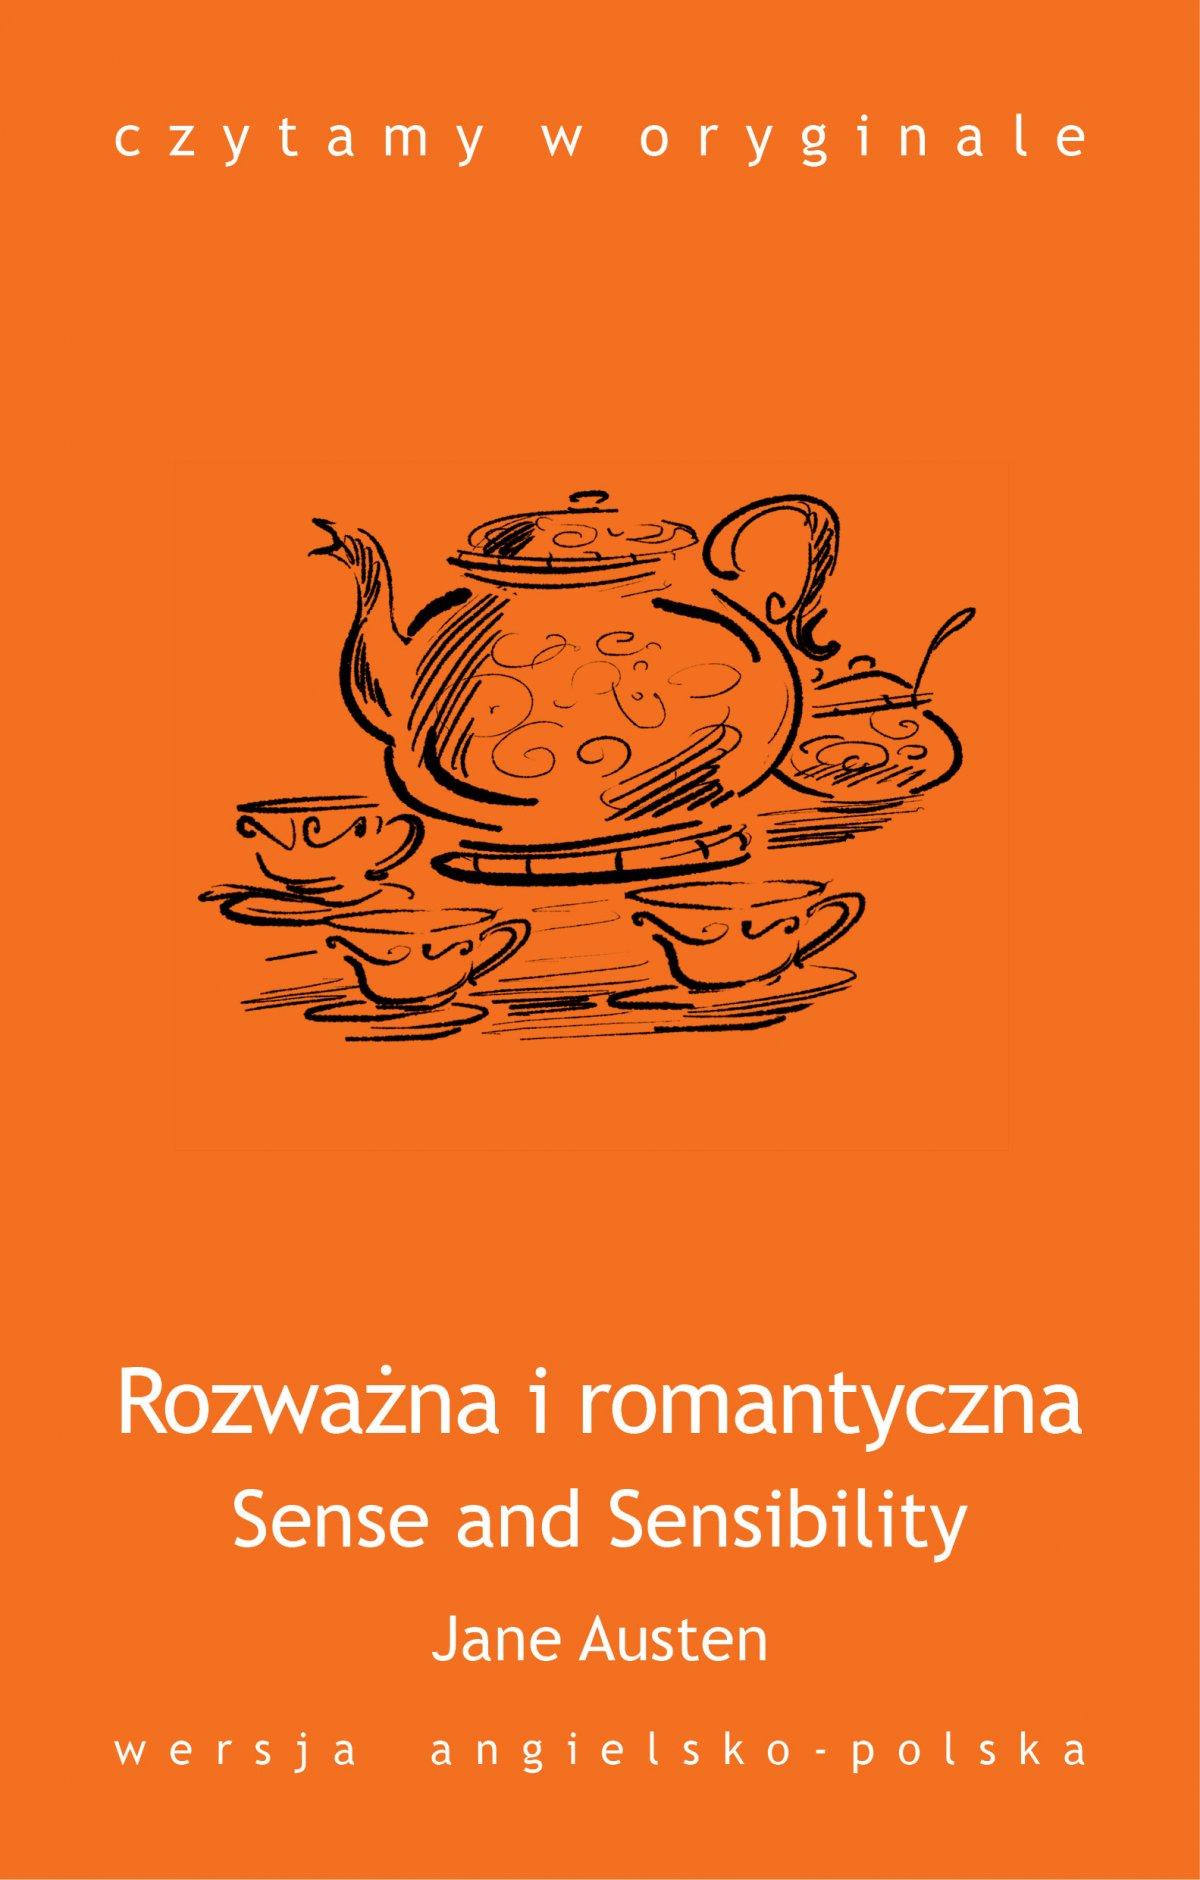 Sense and Sensibility. Rozważna i romantyczna - Ebook (Książka na Kindle) do pobrania w formacie MOBI